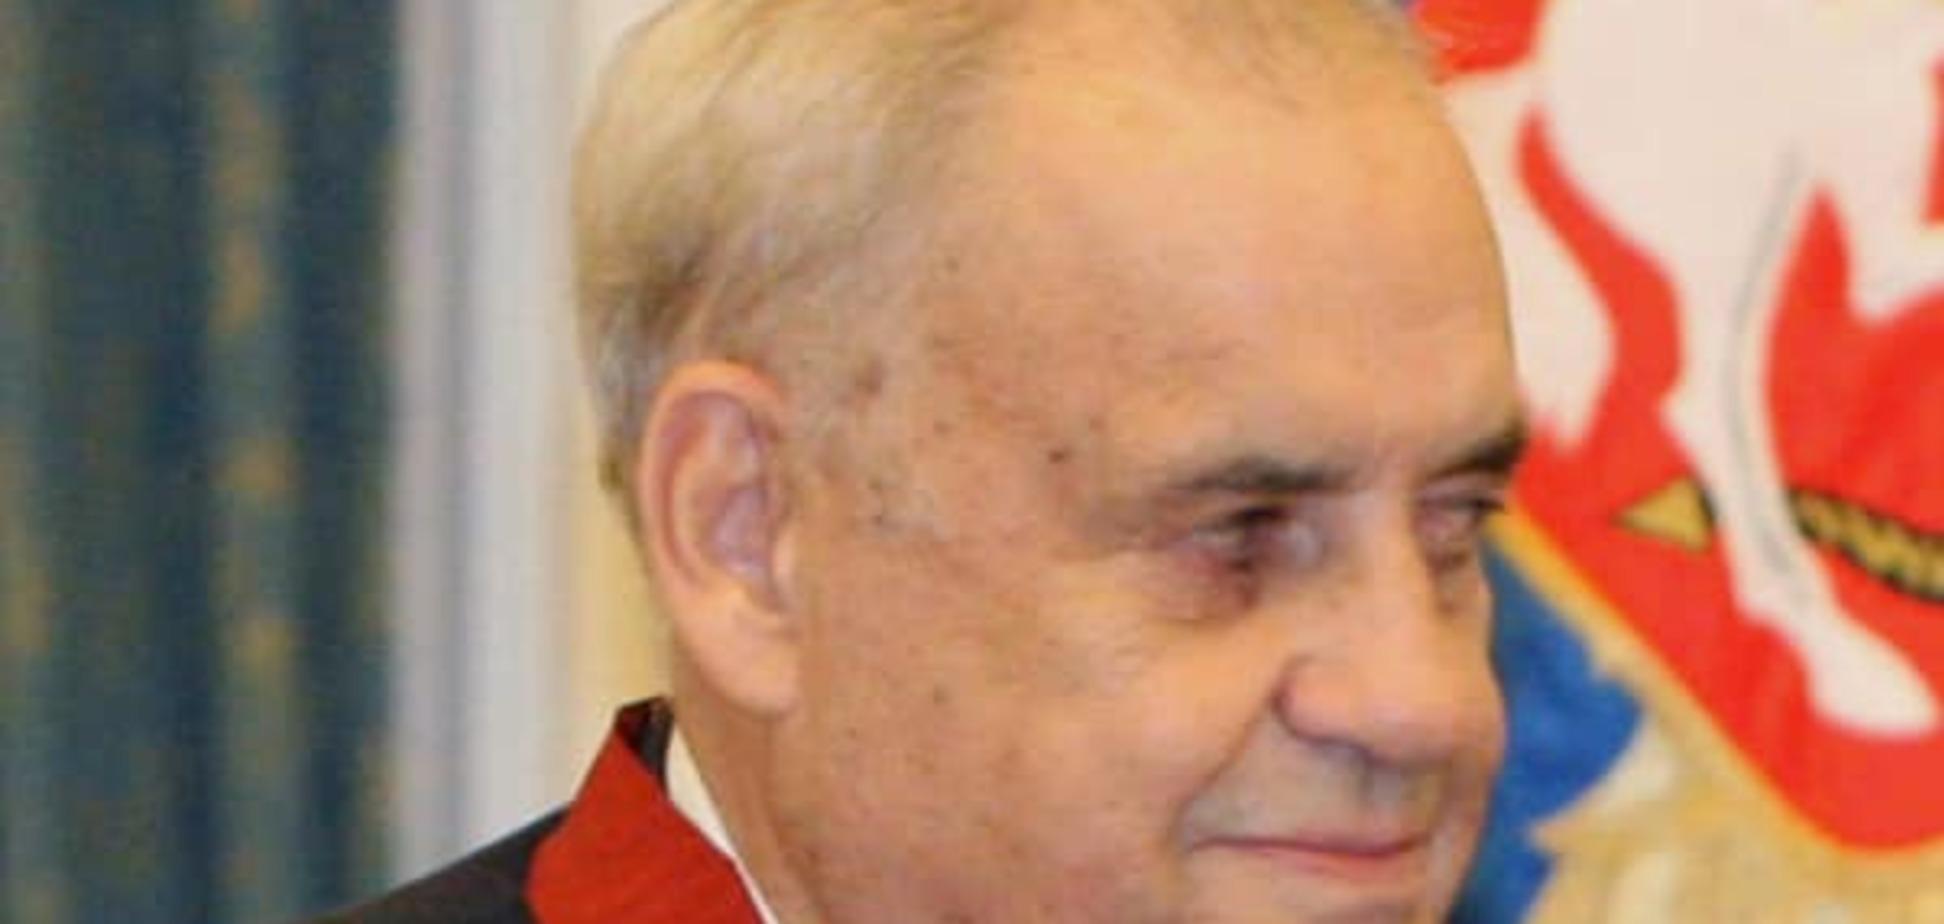 Названа дата и место похорон Эльдара Рязанова